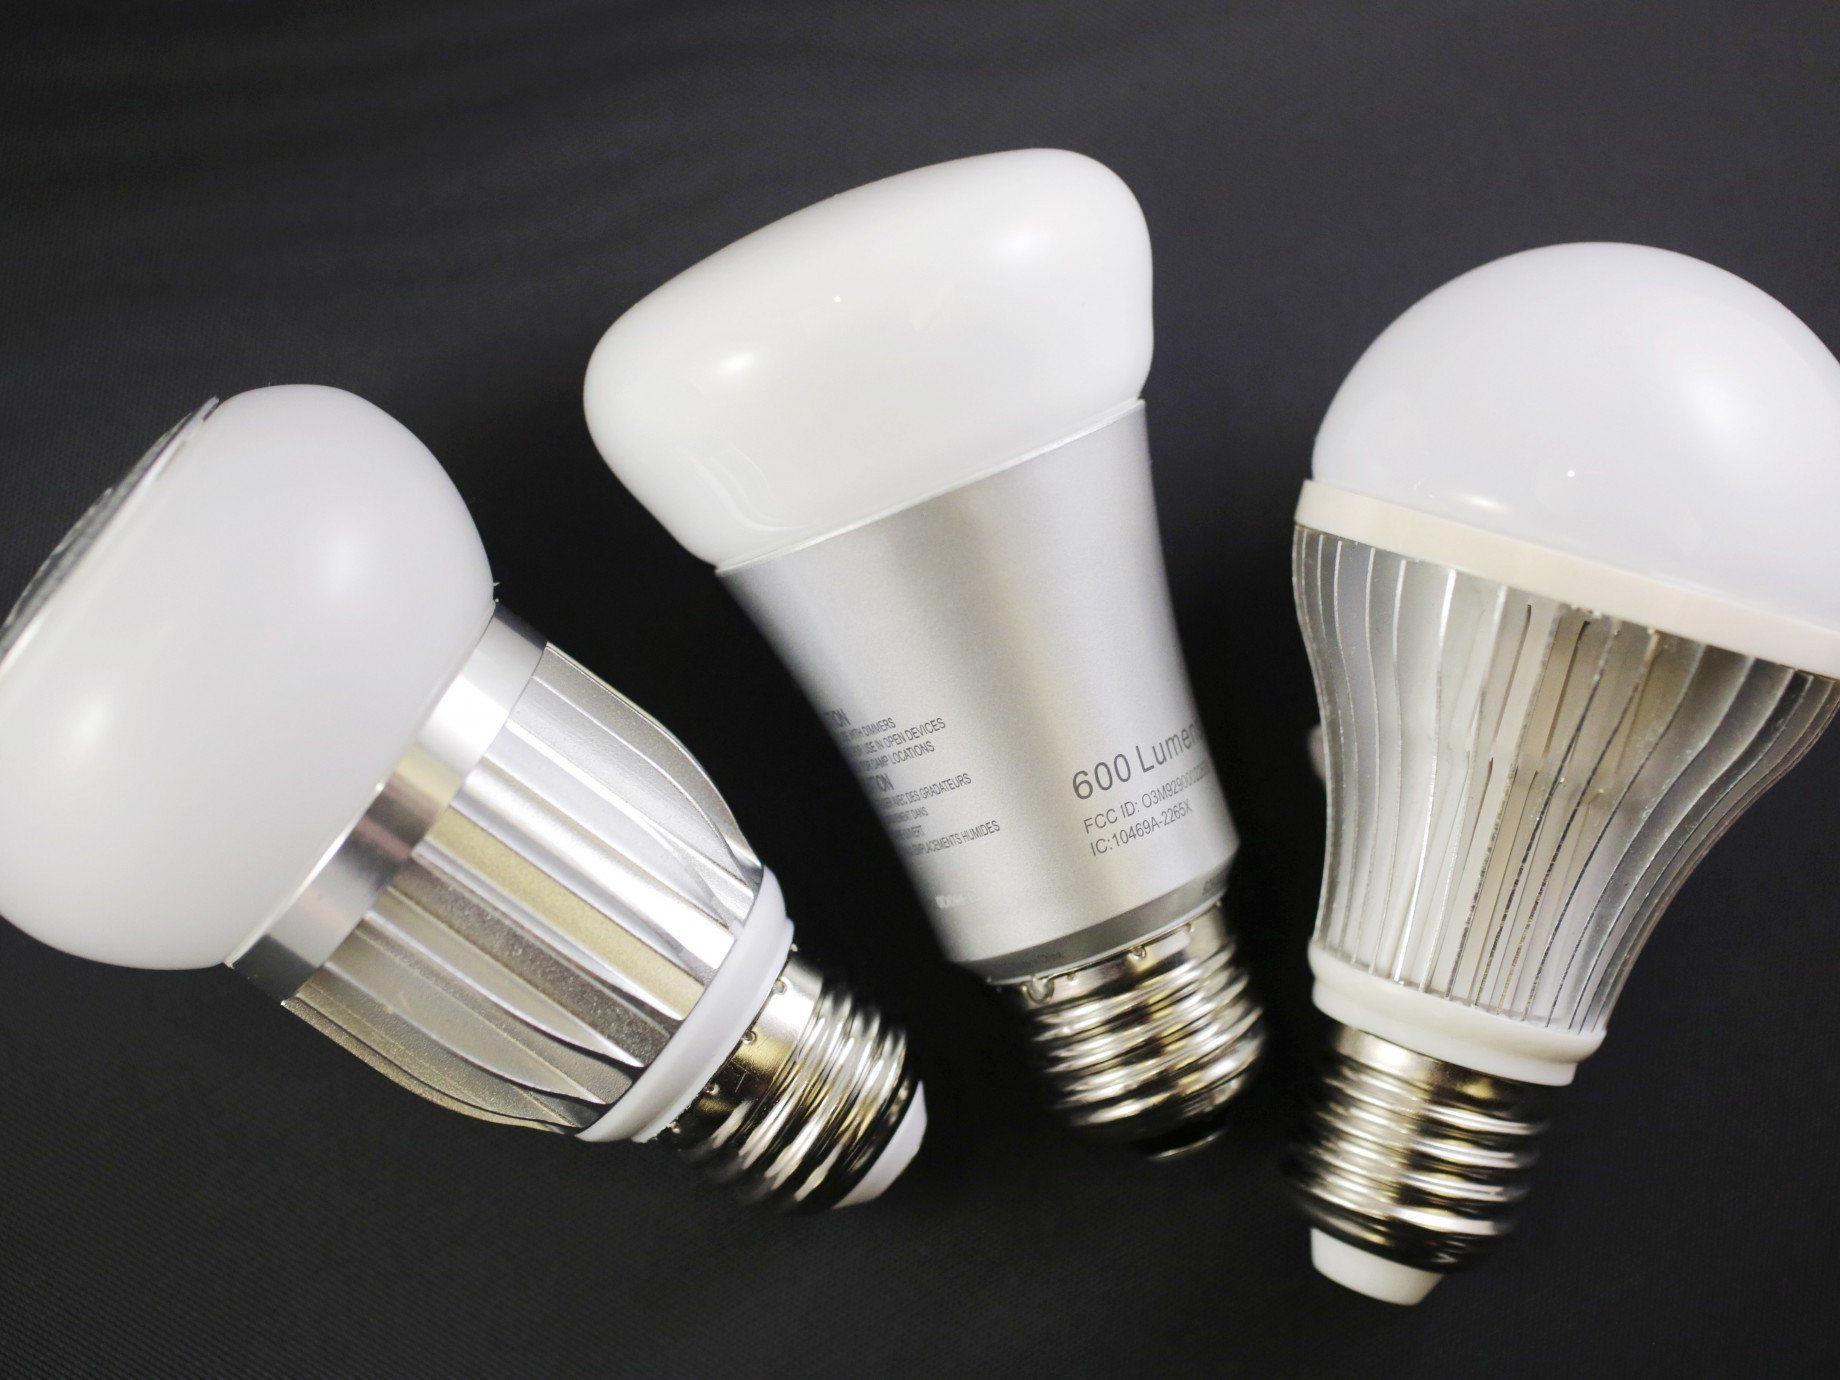 Produkttest: LED gute Alternative zu Glühbirne und Energiespar-Lampe ...